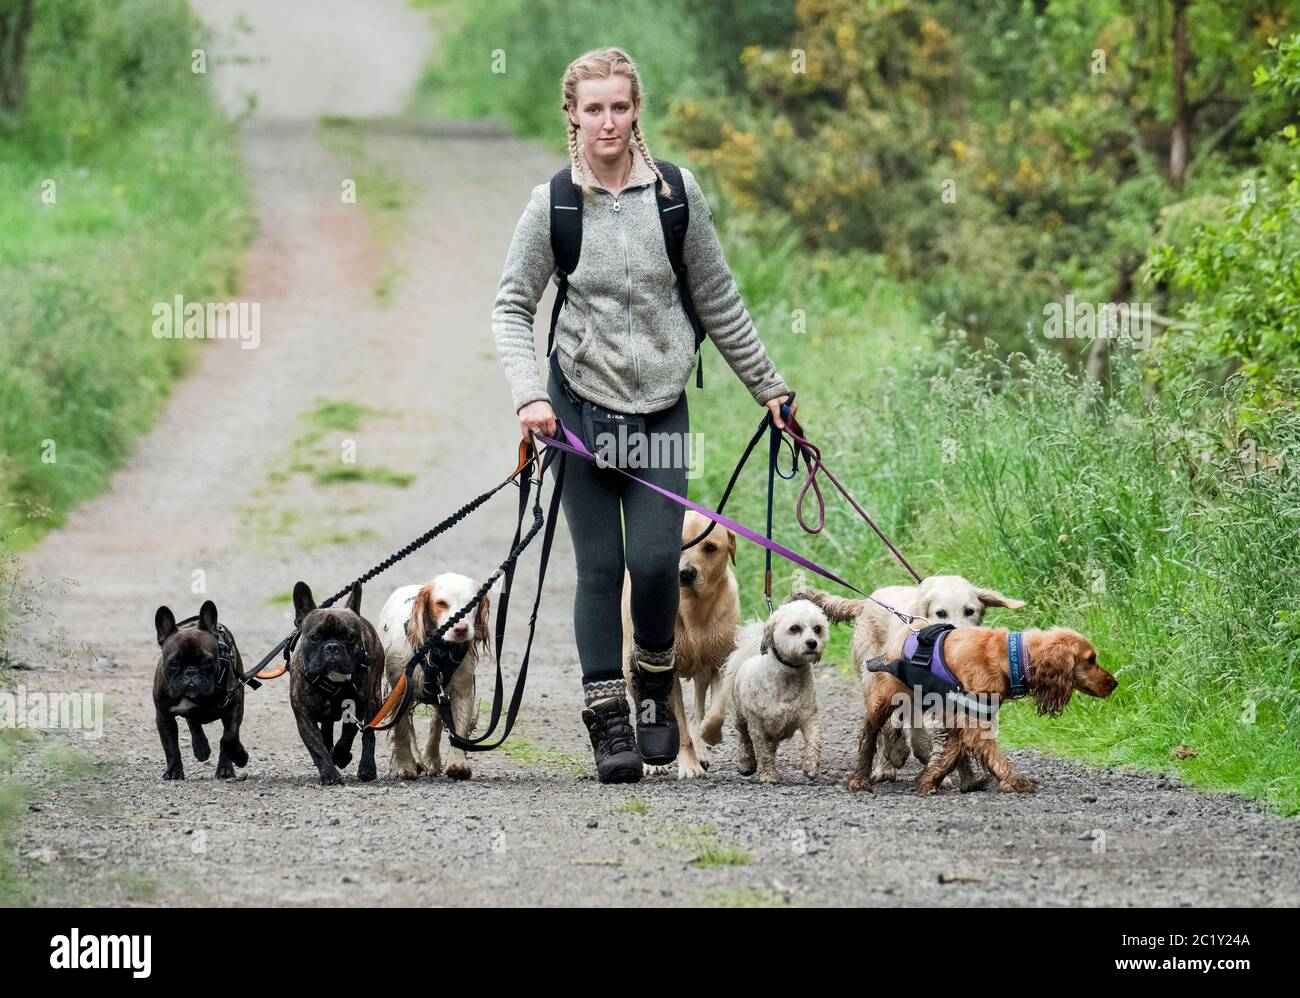 Perro profesional waker ejercitando varios perros a lo largo de un carril del país, West Lothian, Escocia Foto de stock